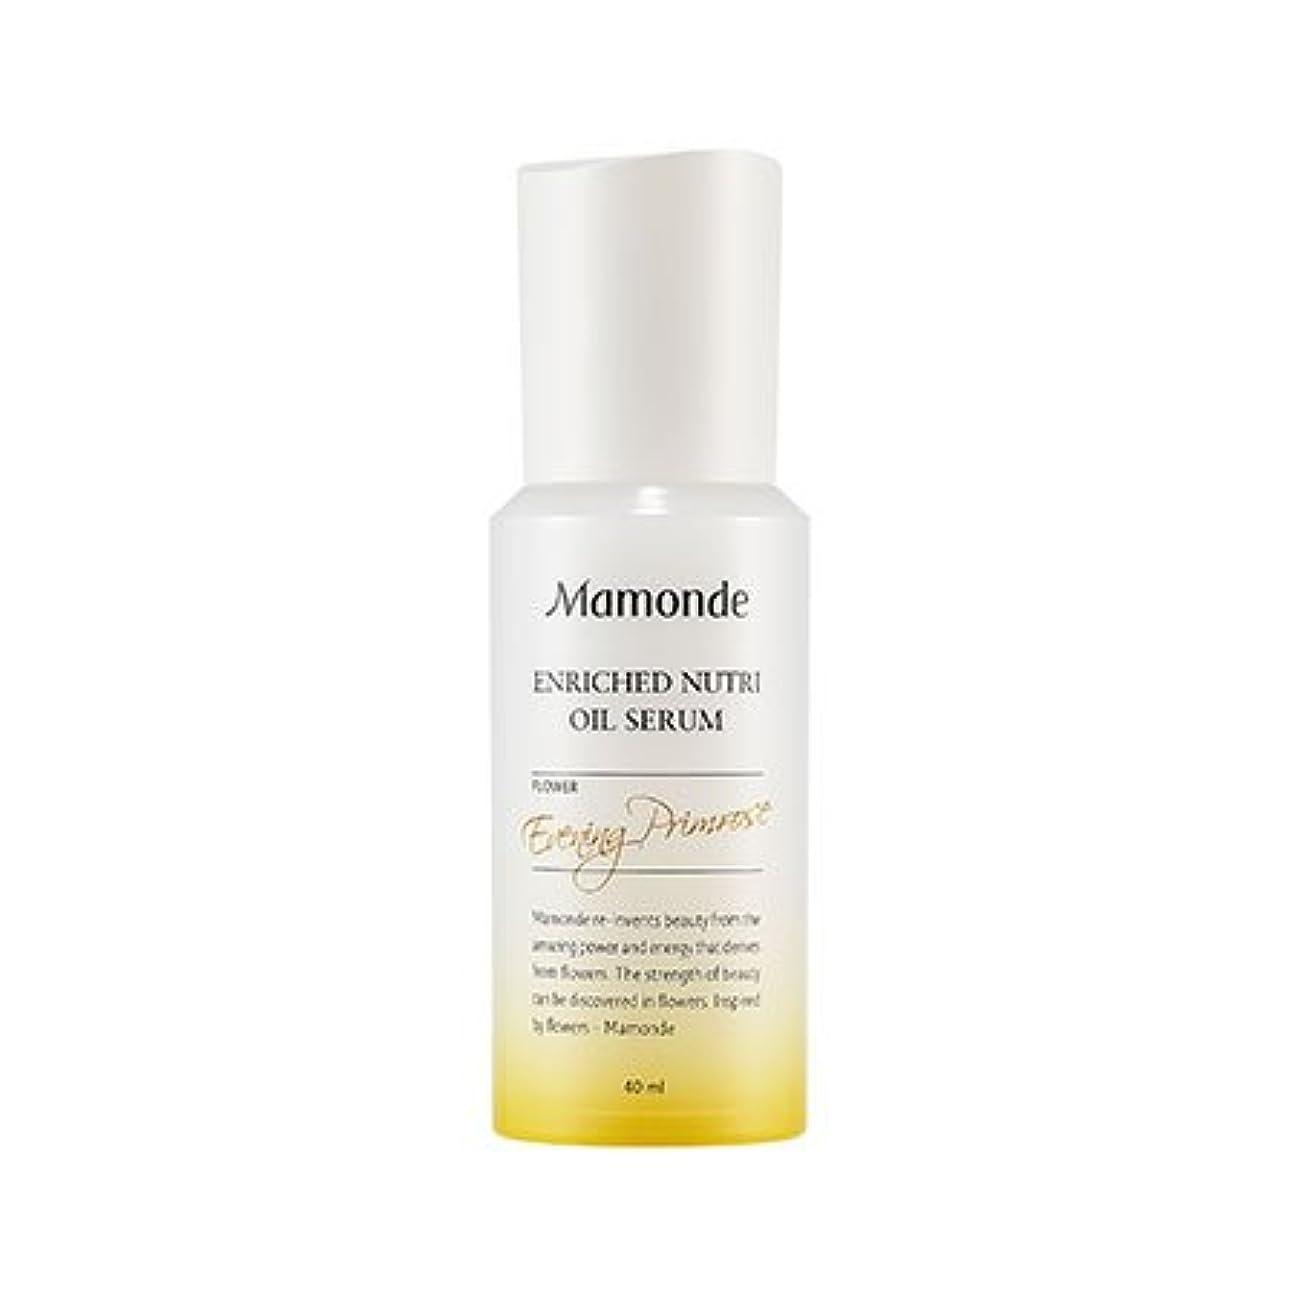 ウェーハパワーセル実用的Mamonde Enriched Nutri Oil Serum / マモンド インリペプチドニュートリオイルセラム 40ml [並行輸入品]